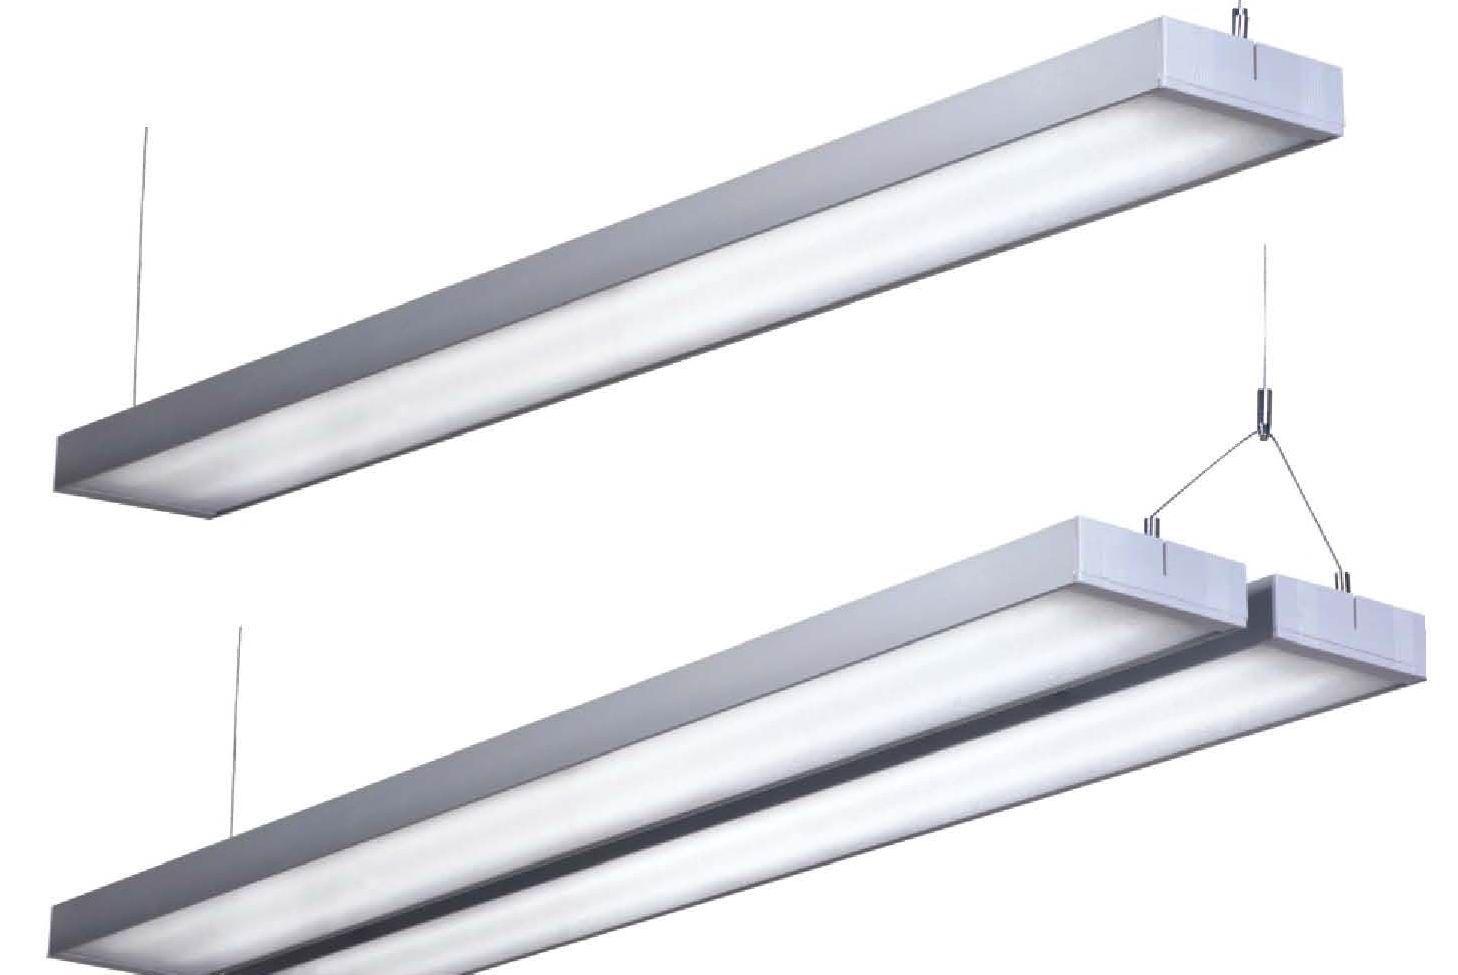 雄宇办公照明灯具,可吸顶与悬吊型灯具